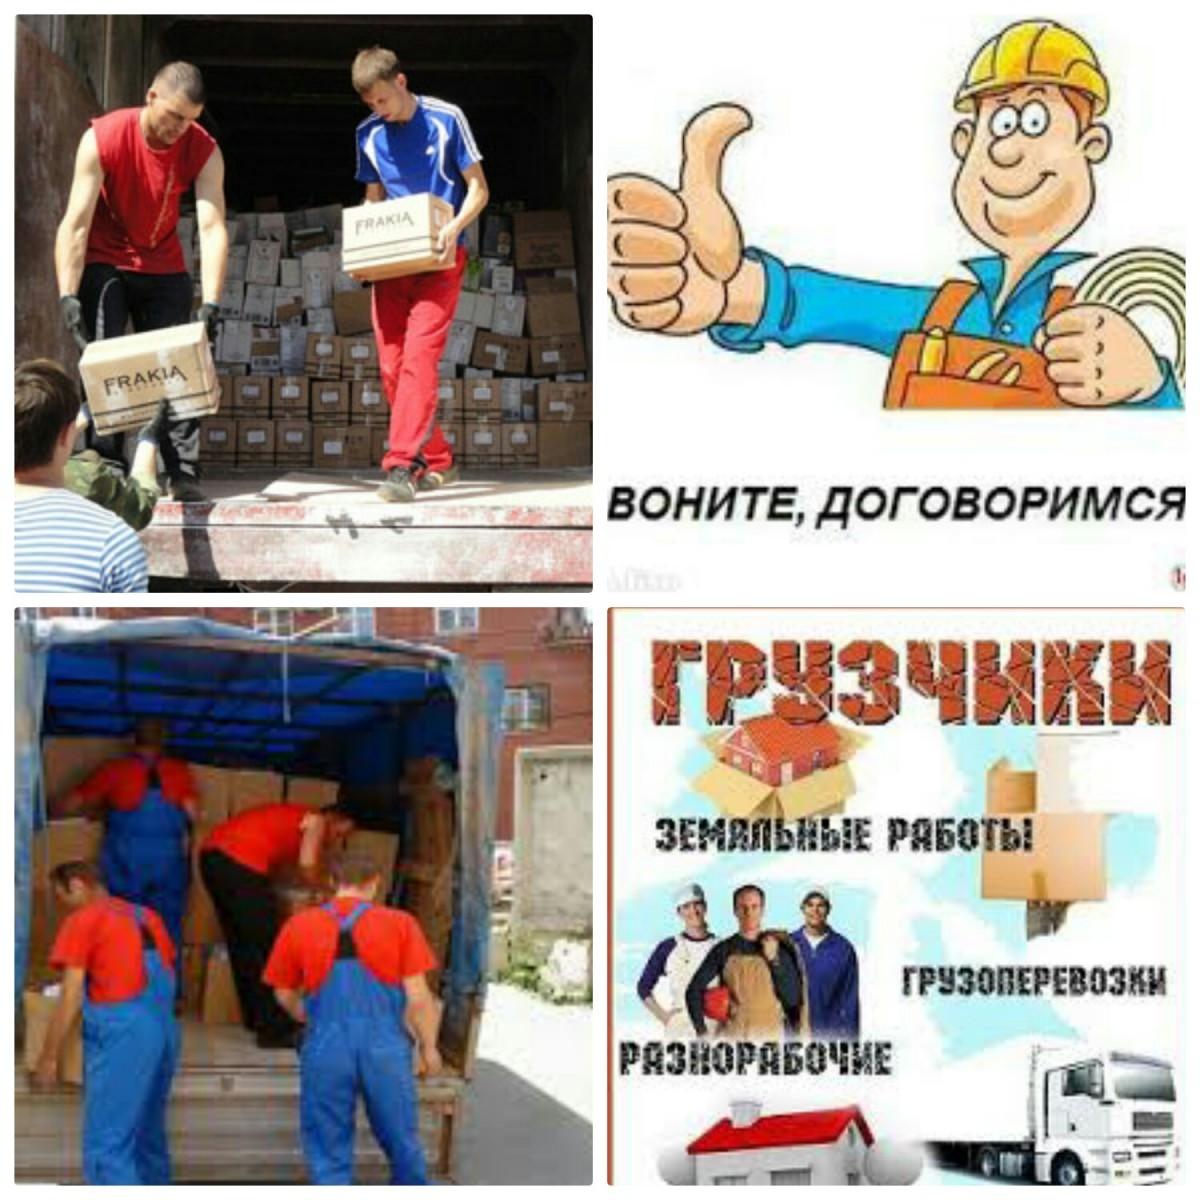 Услуги разнорабочих грузчиков для разгрузки Одесса